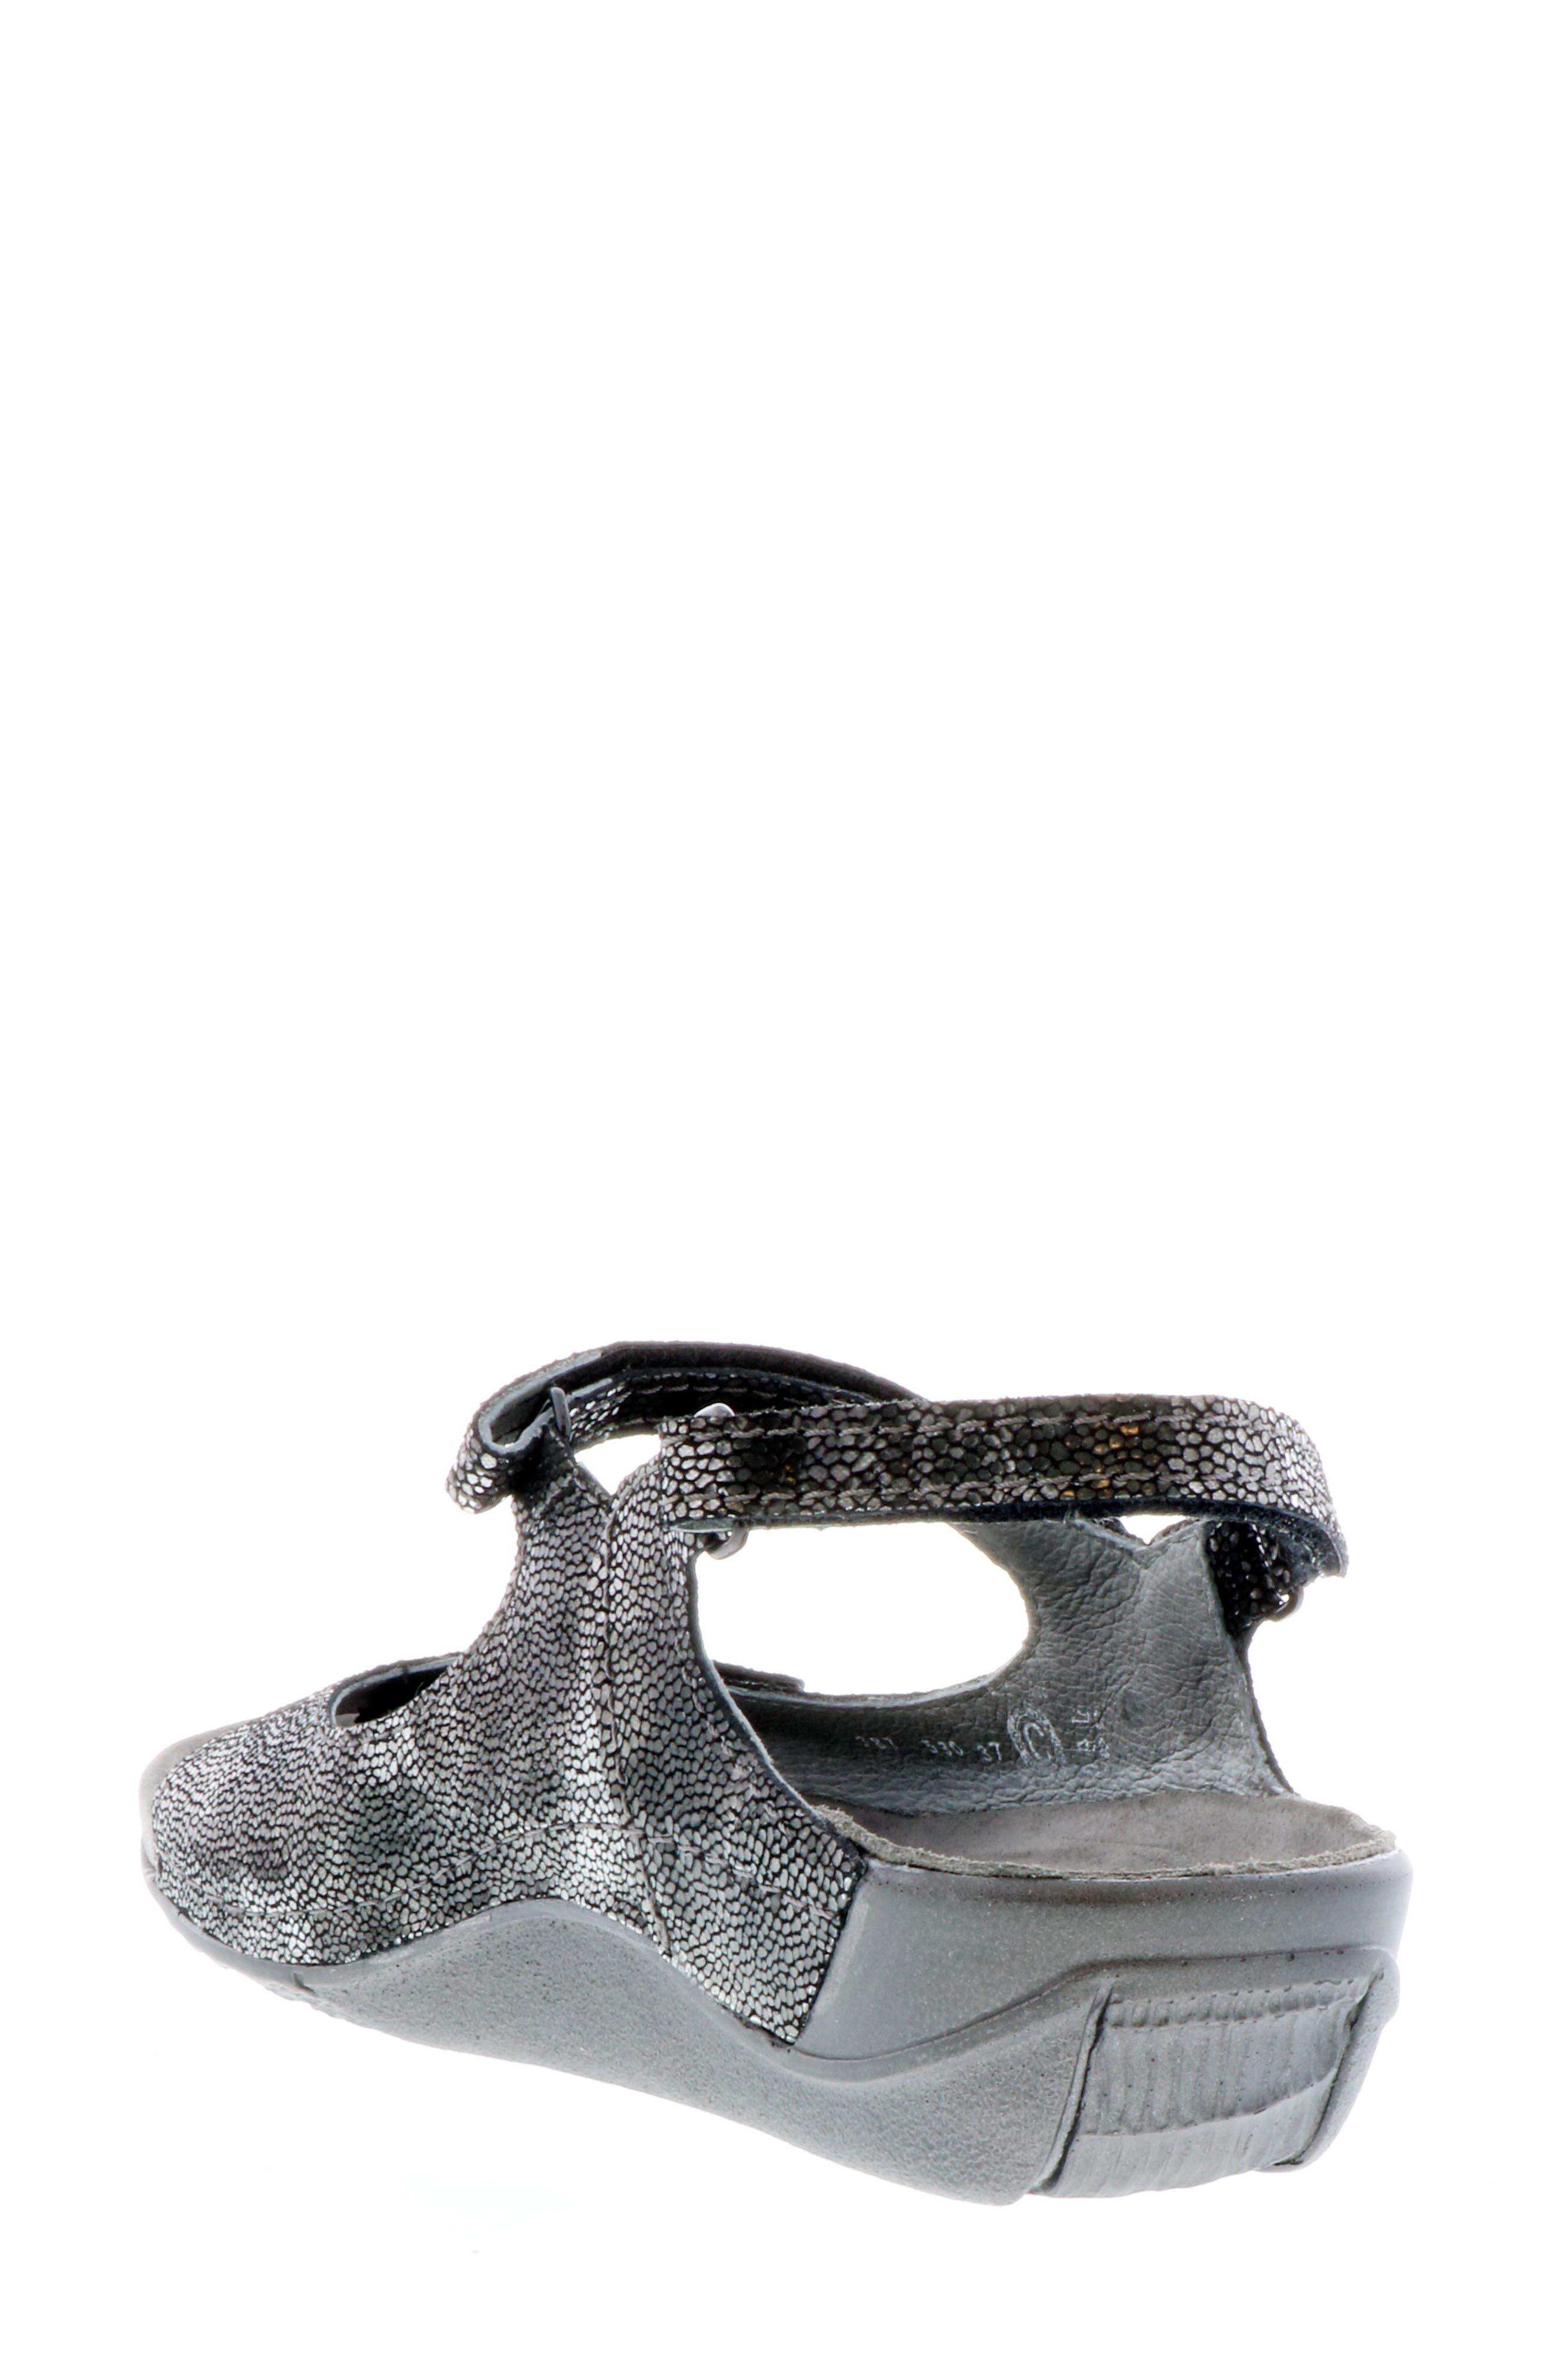 Cortez Sandal,                             Alternate thumbnail 2, color,                             BLACK LEATHER